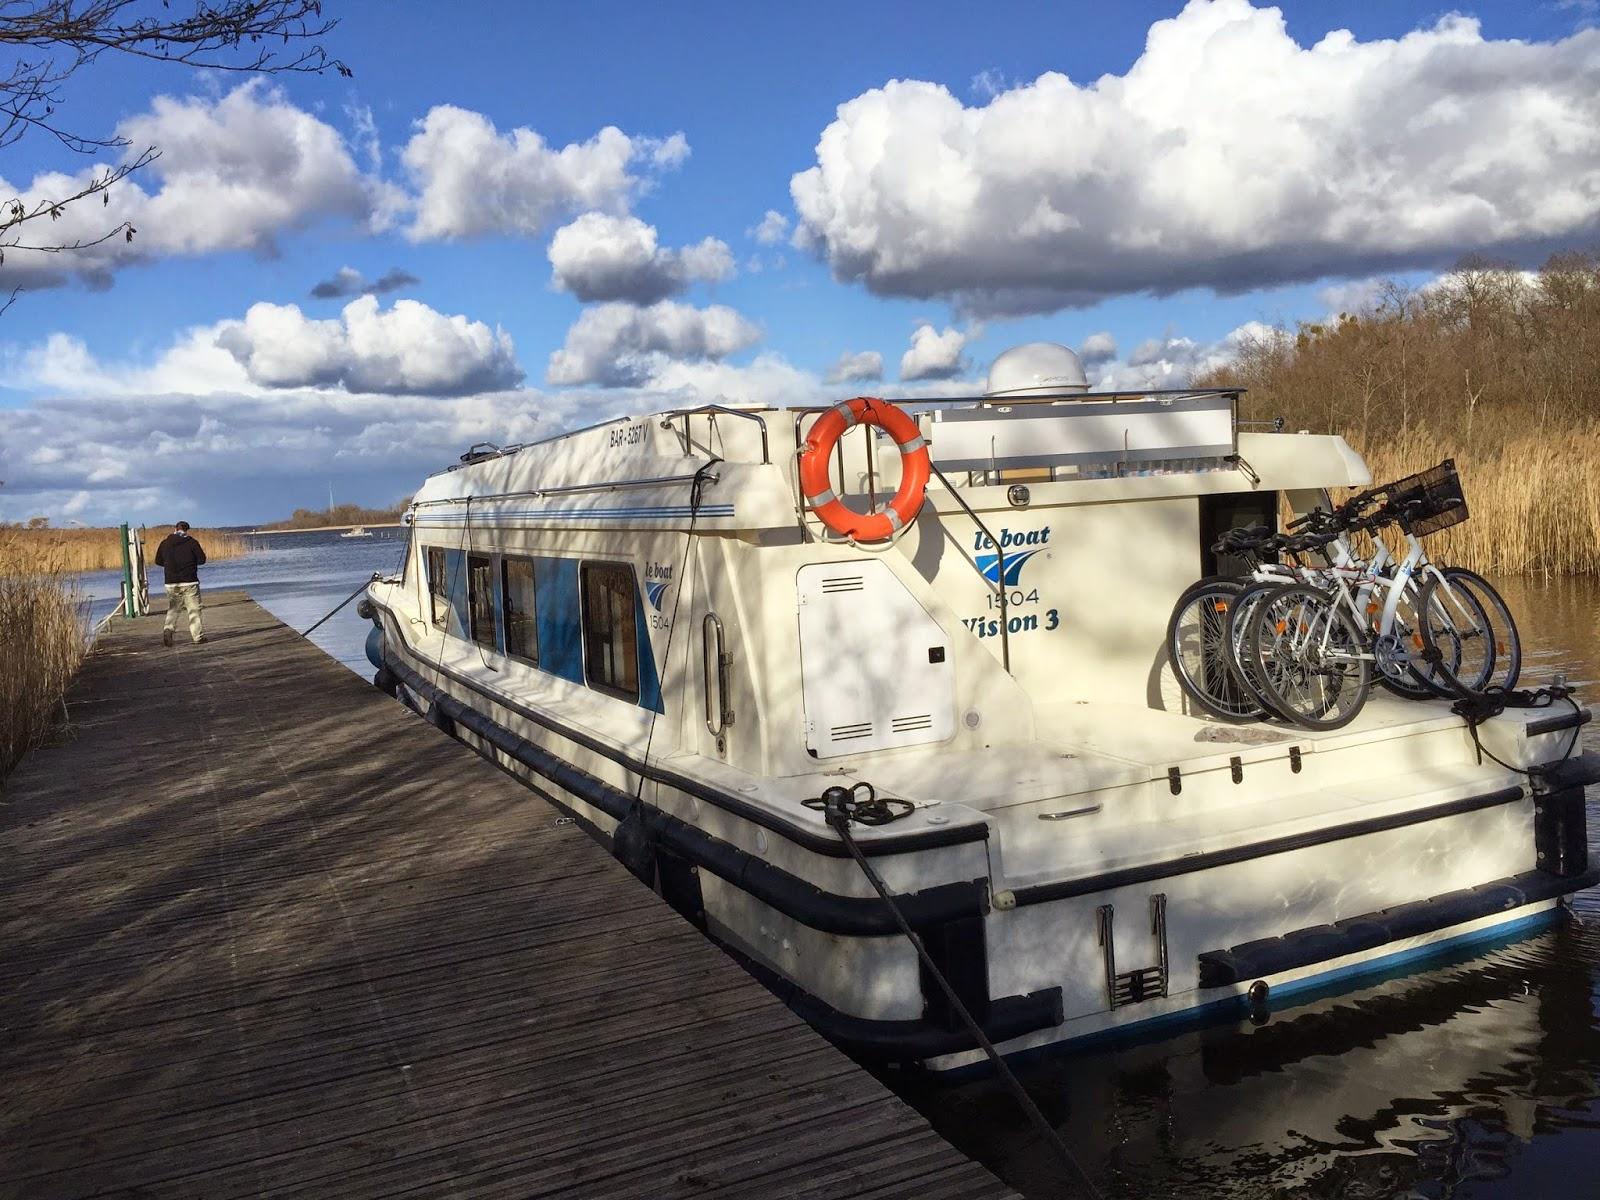 Le boat, hausboortour, mecklenburger seenplatte